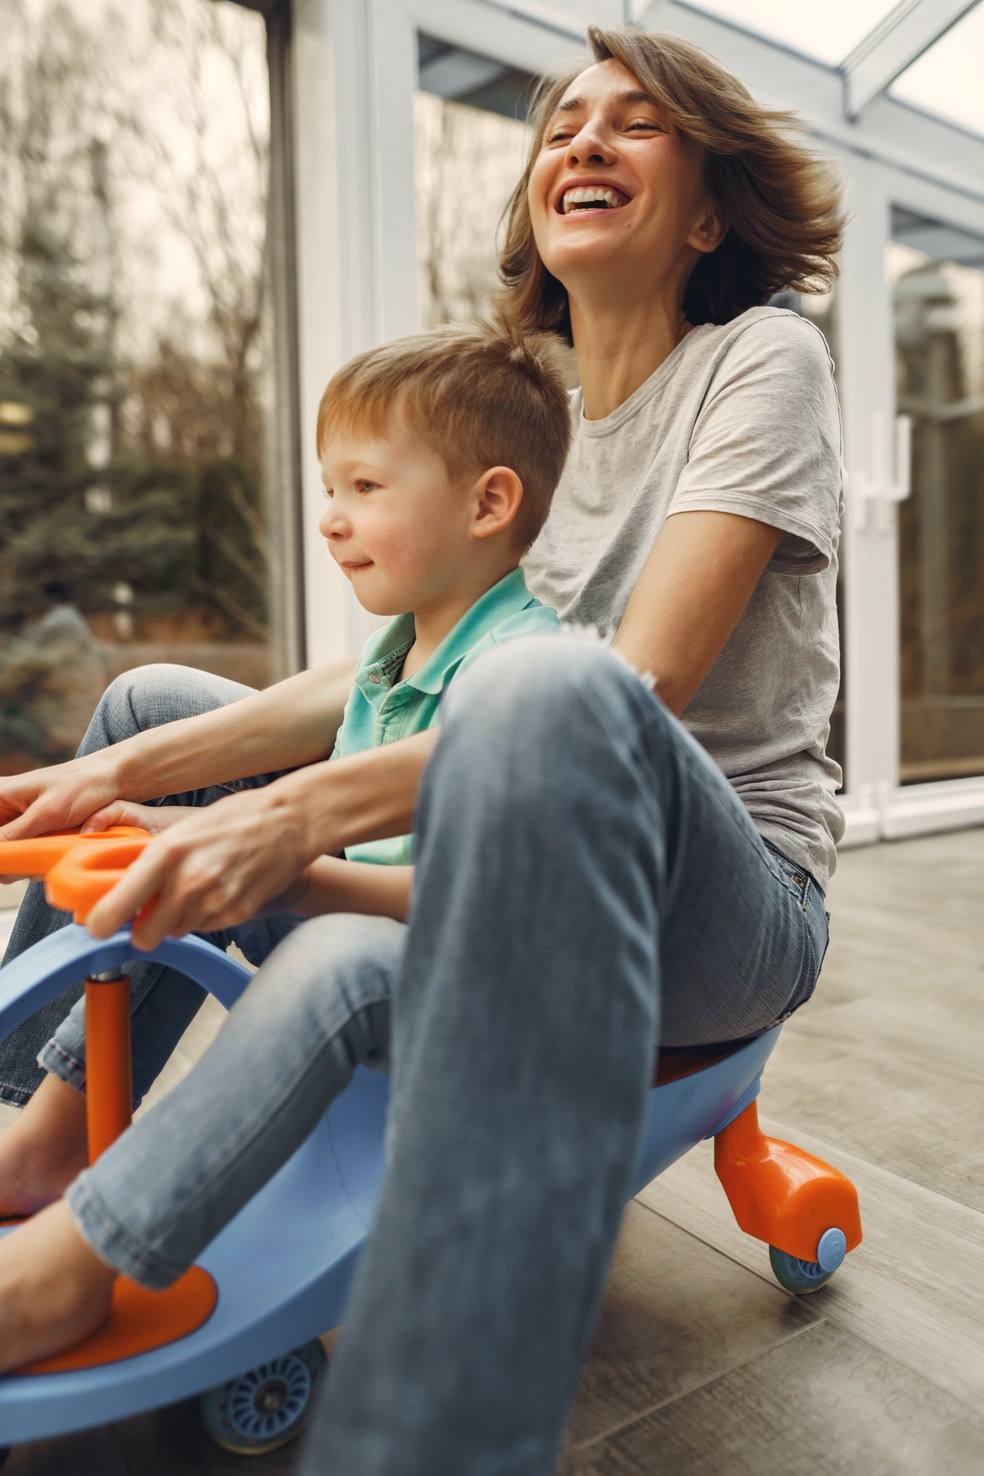 Brincadeiras garantem mais mobilidade e diversão para as crianças, enquanto podem ajudar os pais a aliviar o estresse — Foto: Pexels